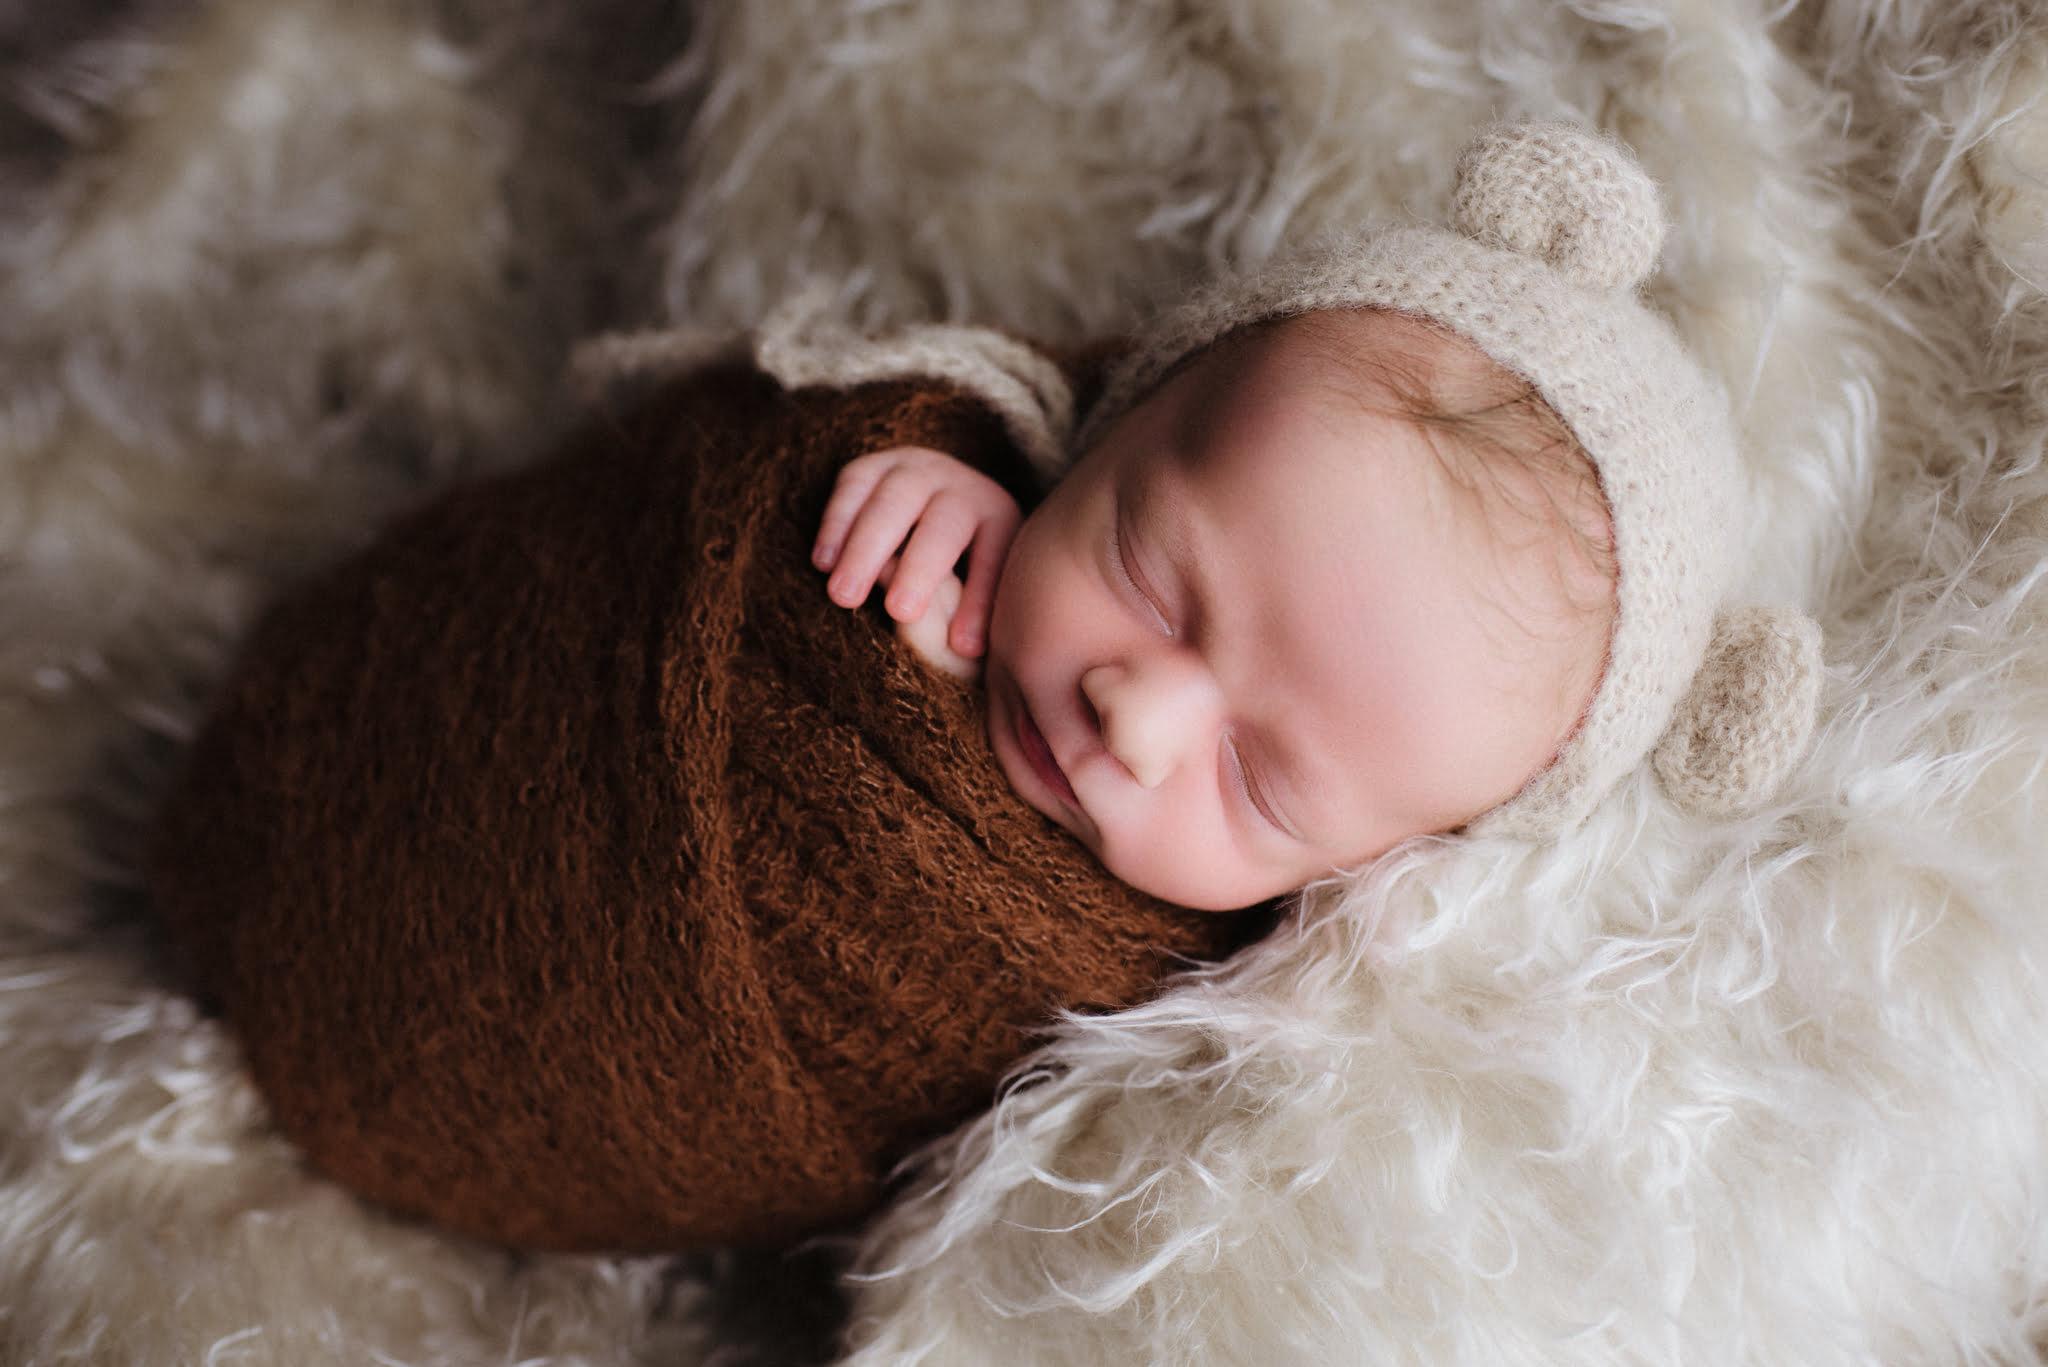 Nyföddfotografering Stockholm - Rill 1